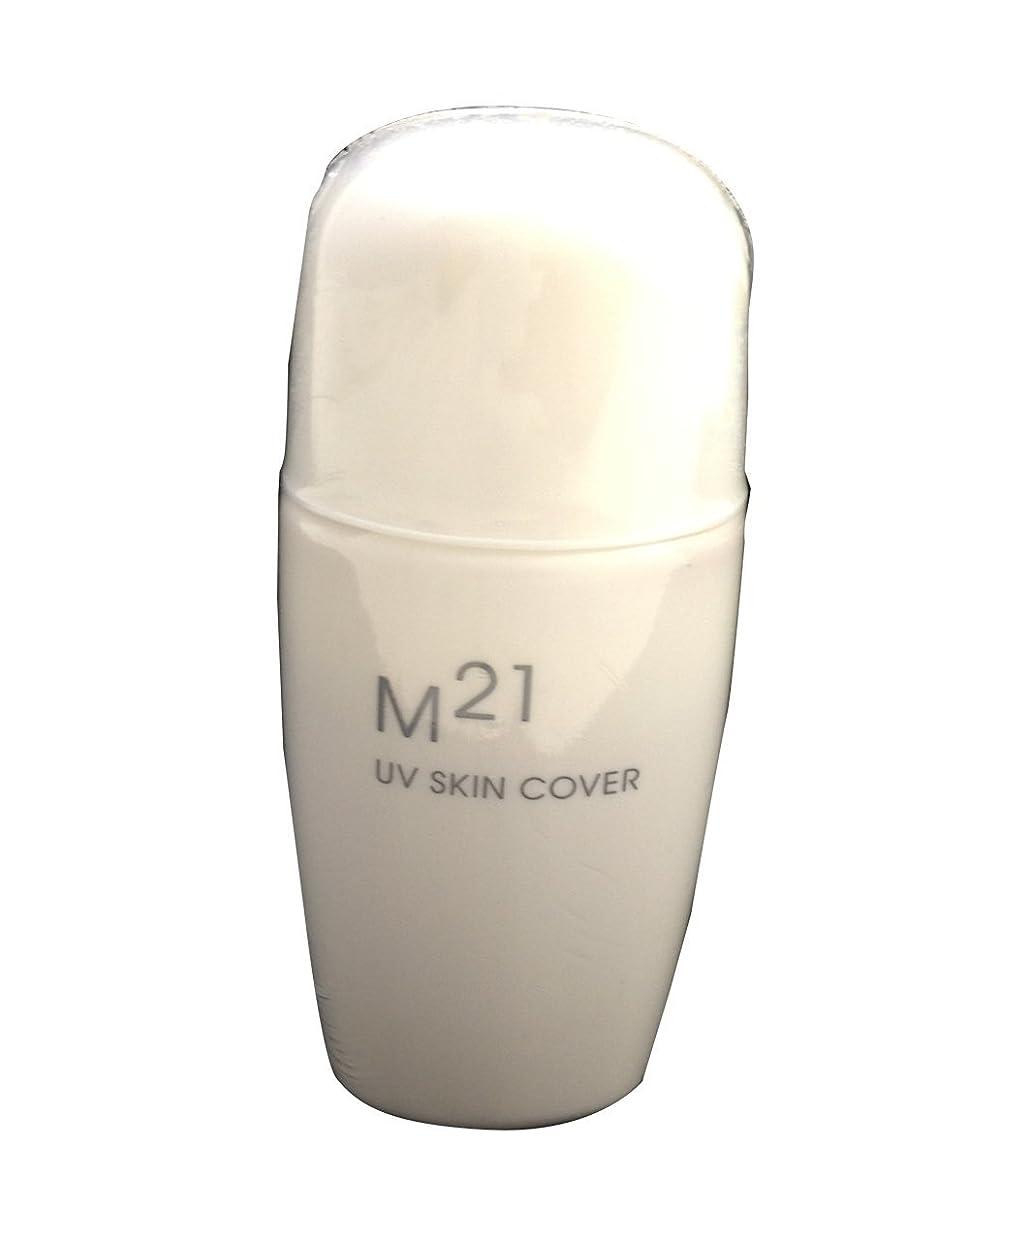 周術期反射戦術M21UVスキンカバー 自然化粧品M21